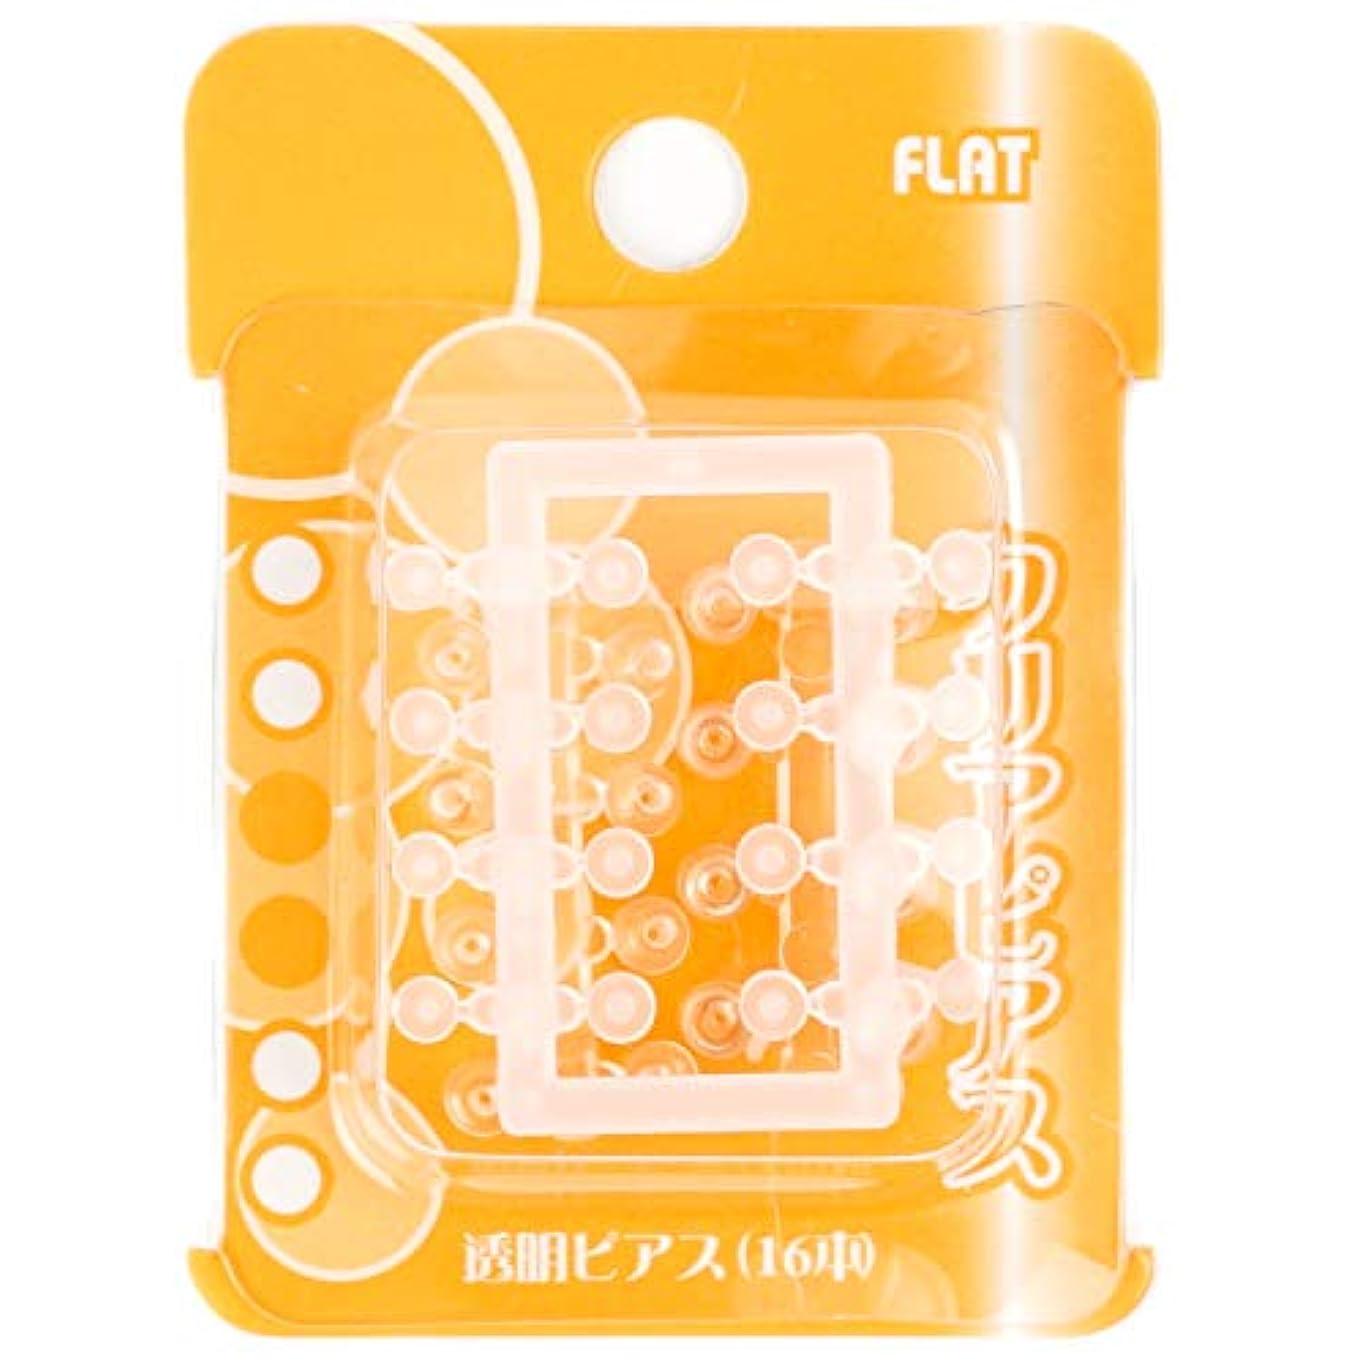 平和的電卓試みるヒーロー クリアピアス フラット 16本入り 2個セット P450